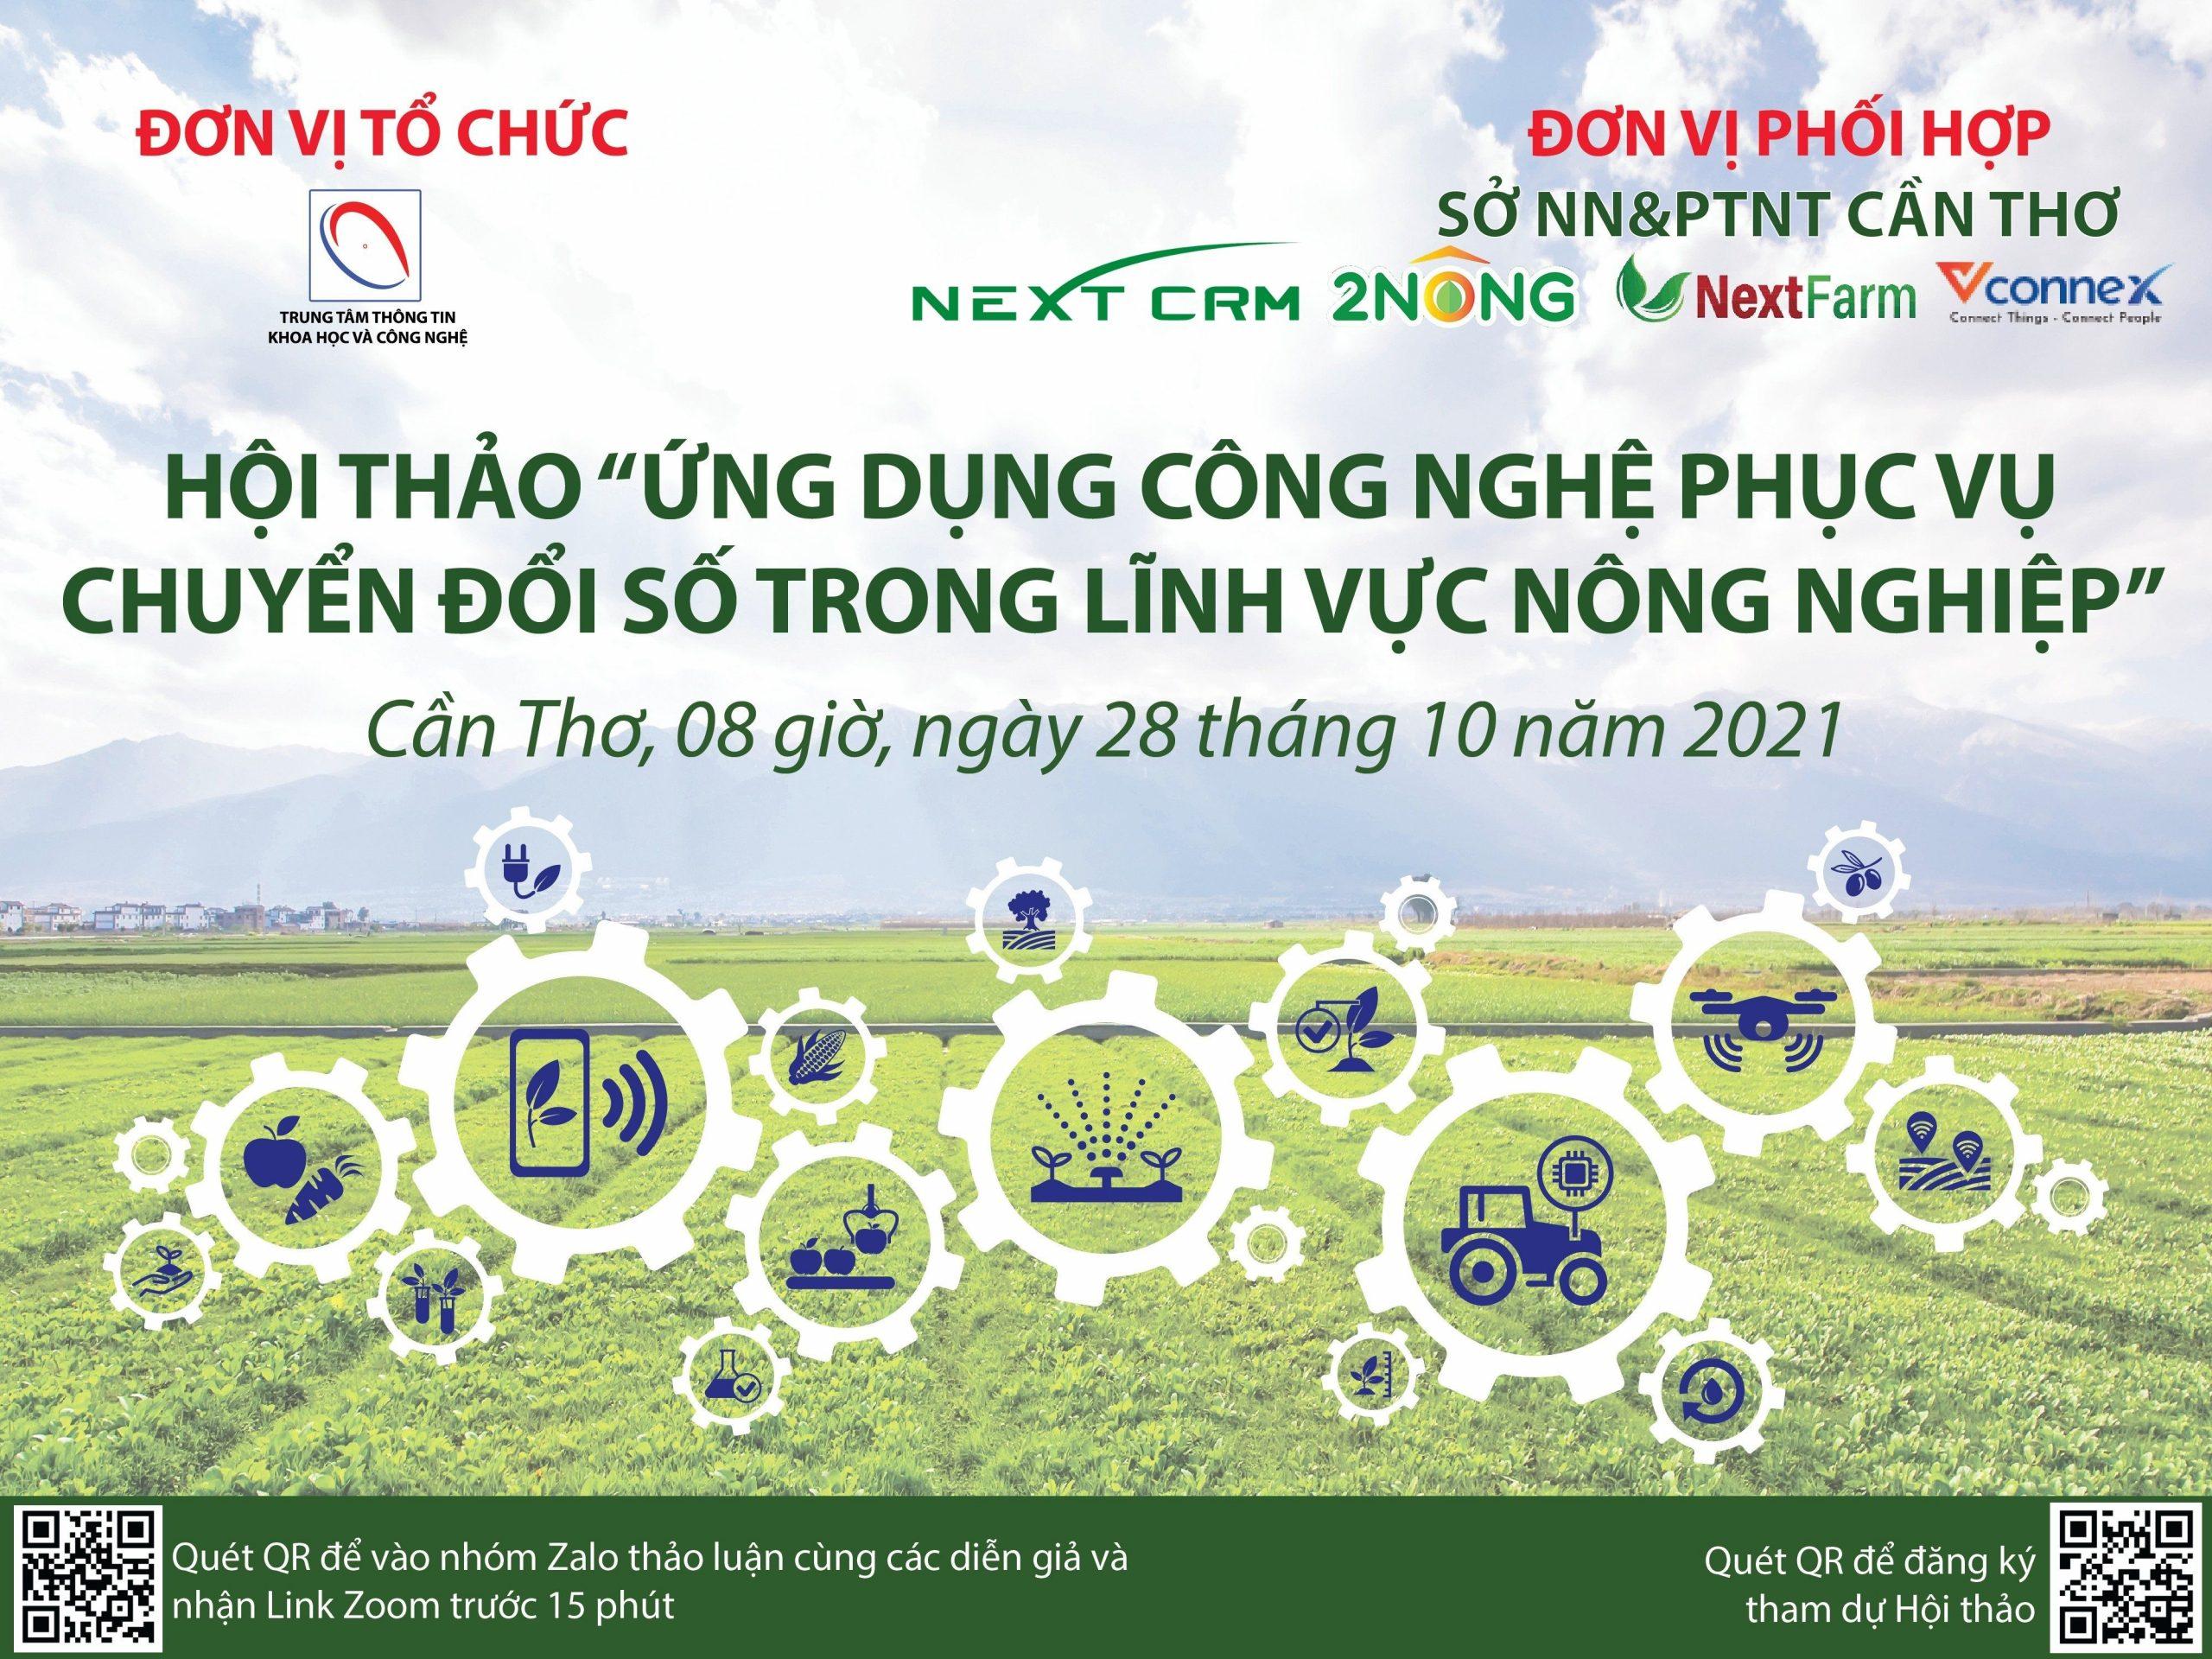 NEXTCRM phối hợp với Sở KH&CN Cần Thơ tổ chức Hội thảo về Chuyển đổi số bán hàng nông sản qua sàn TMĐT